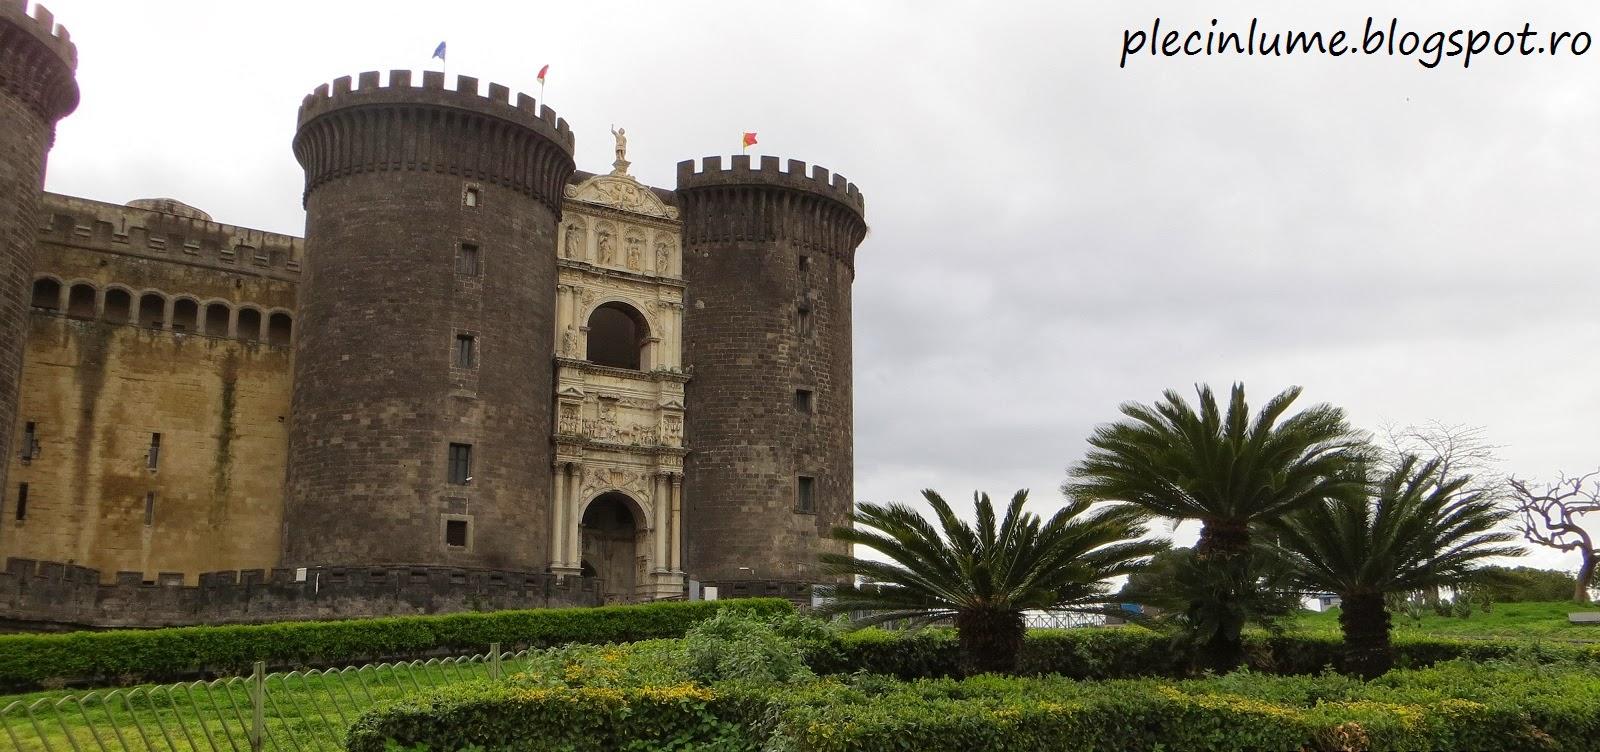 Castelul Nuovo din Napoli